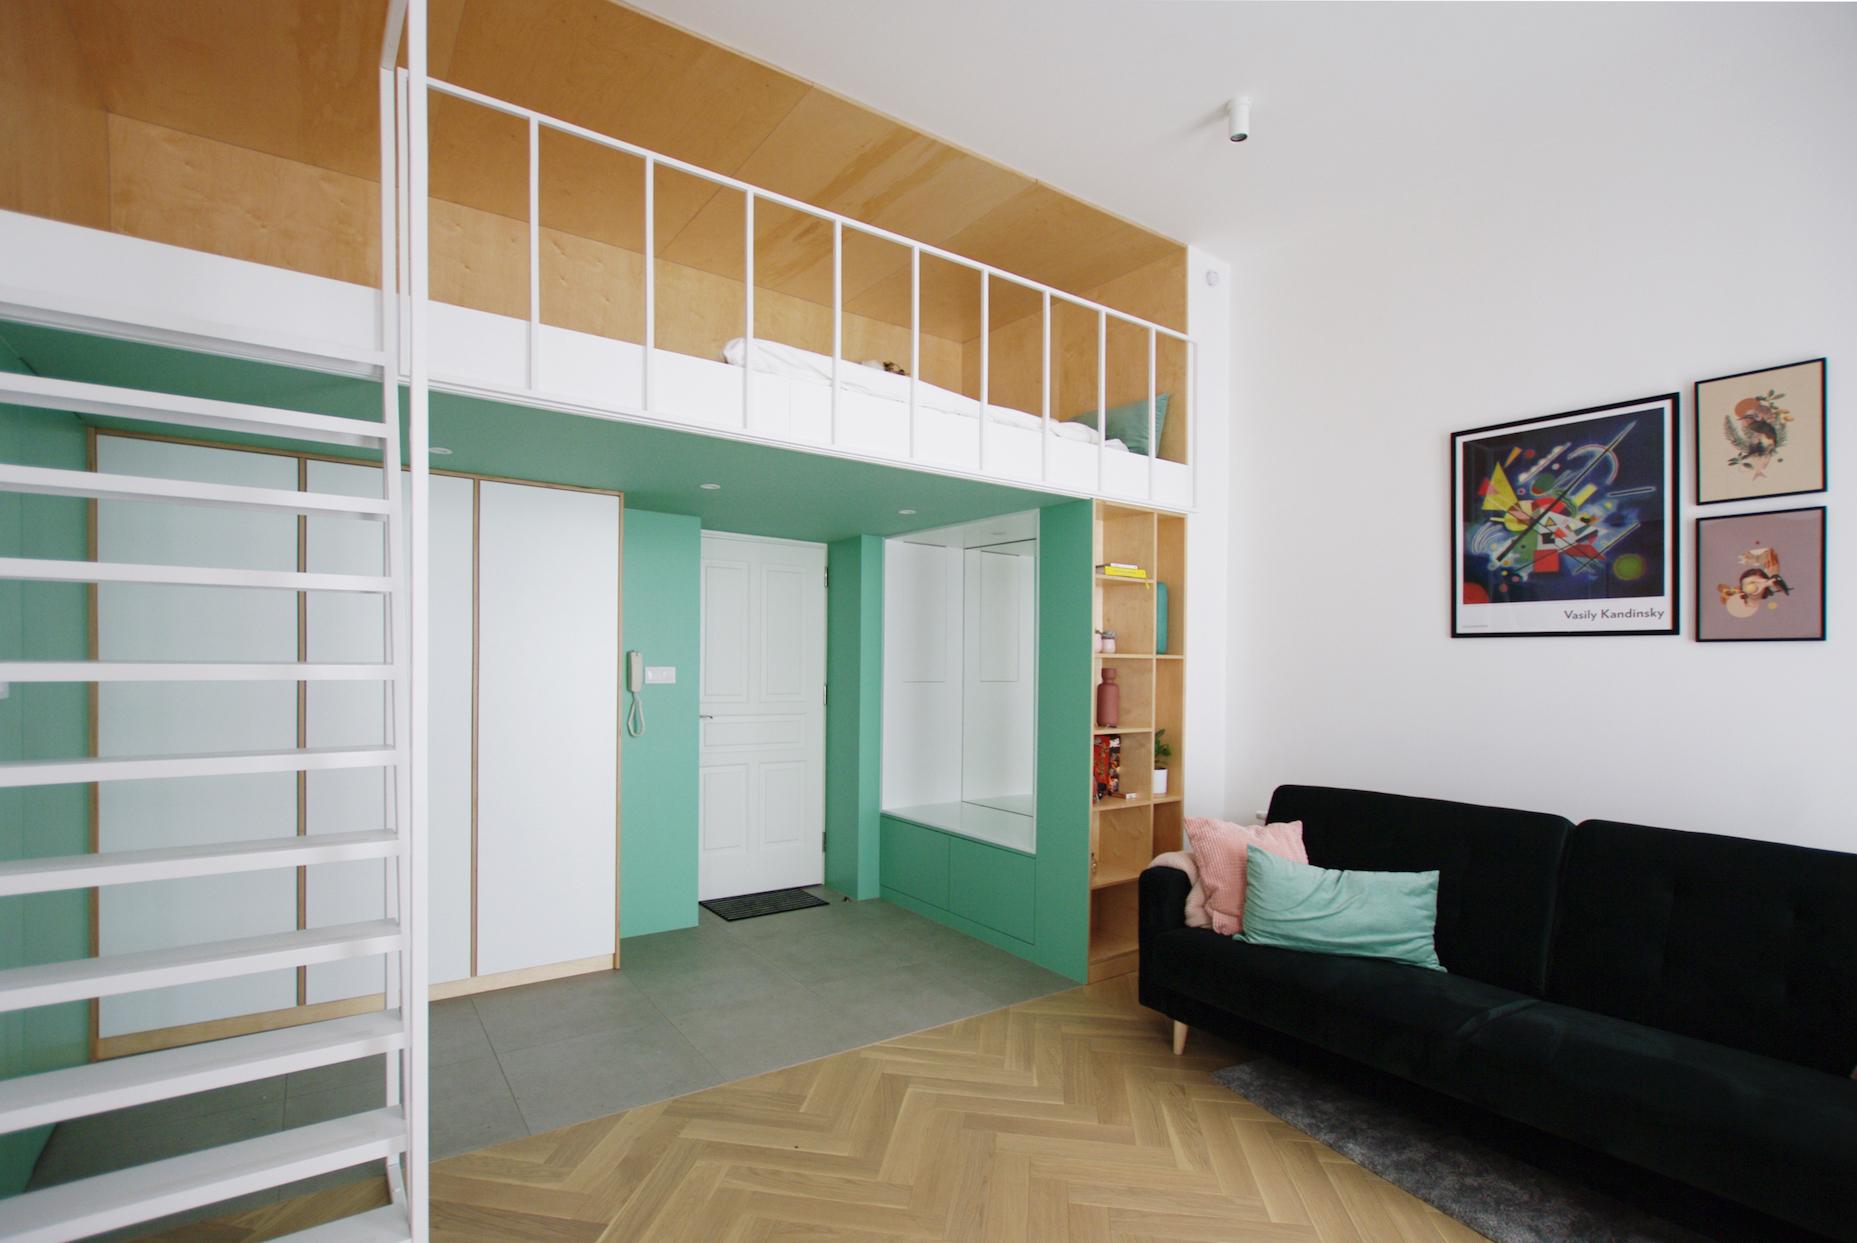 Apartament w krakowskiej kamienicy